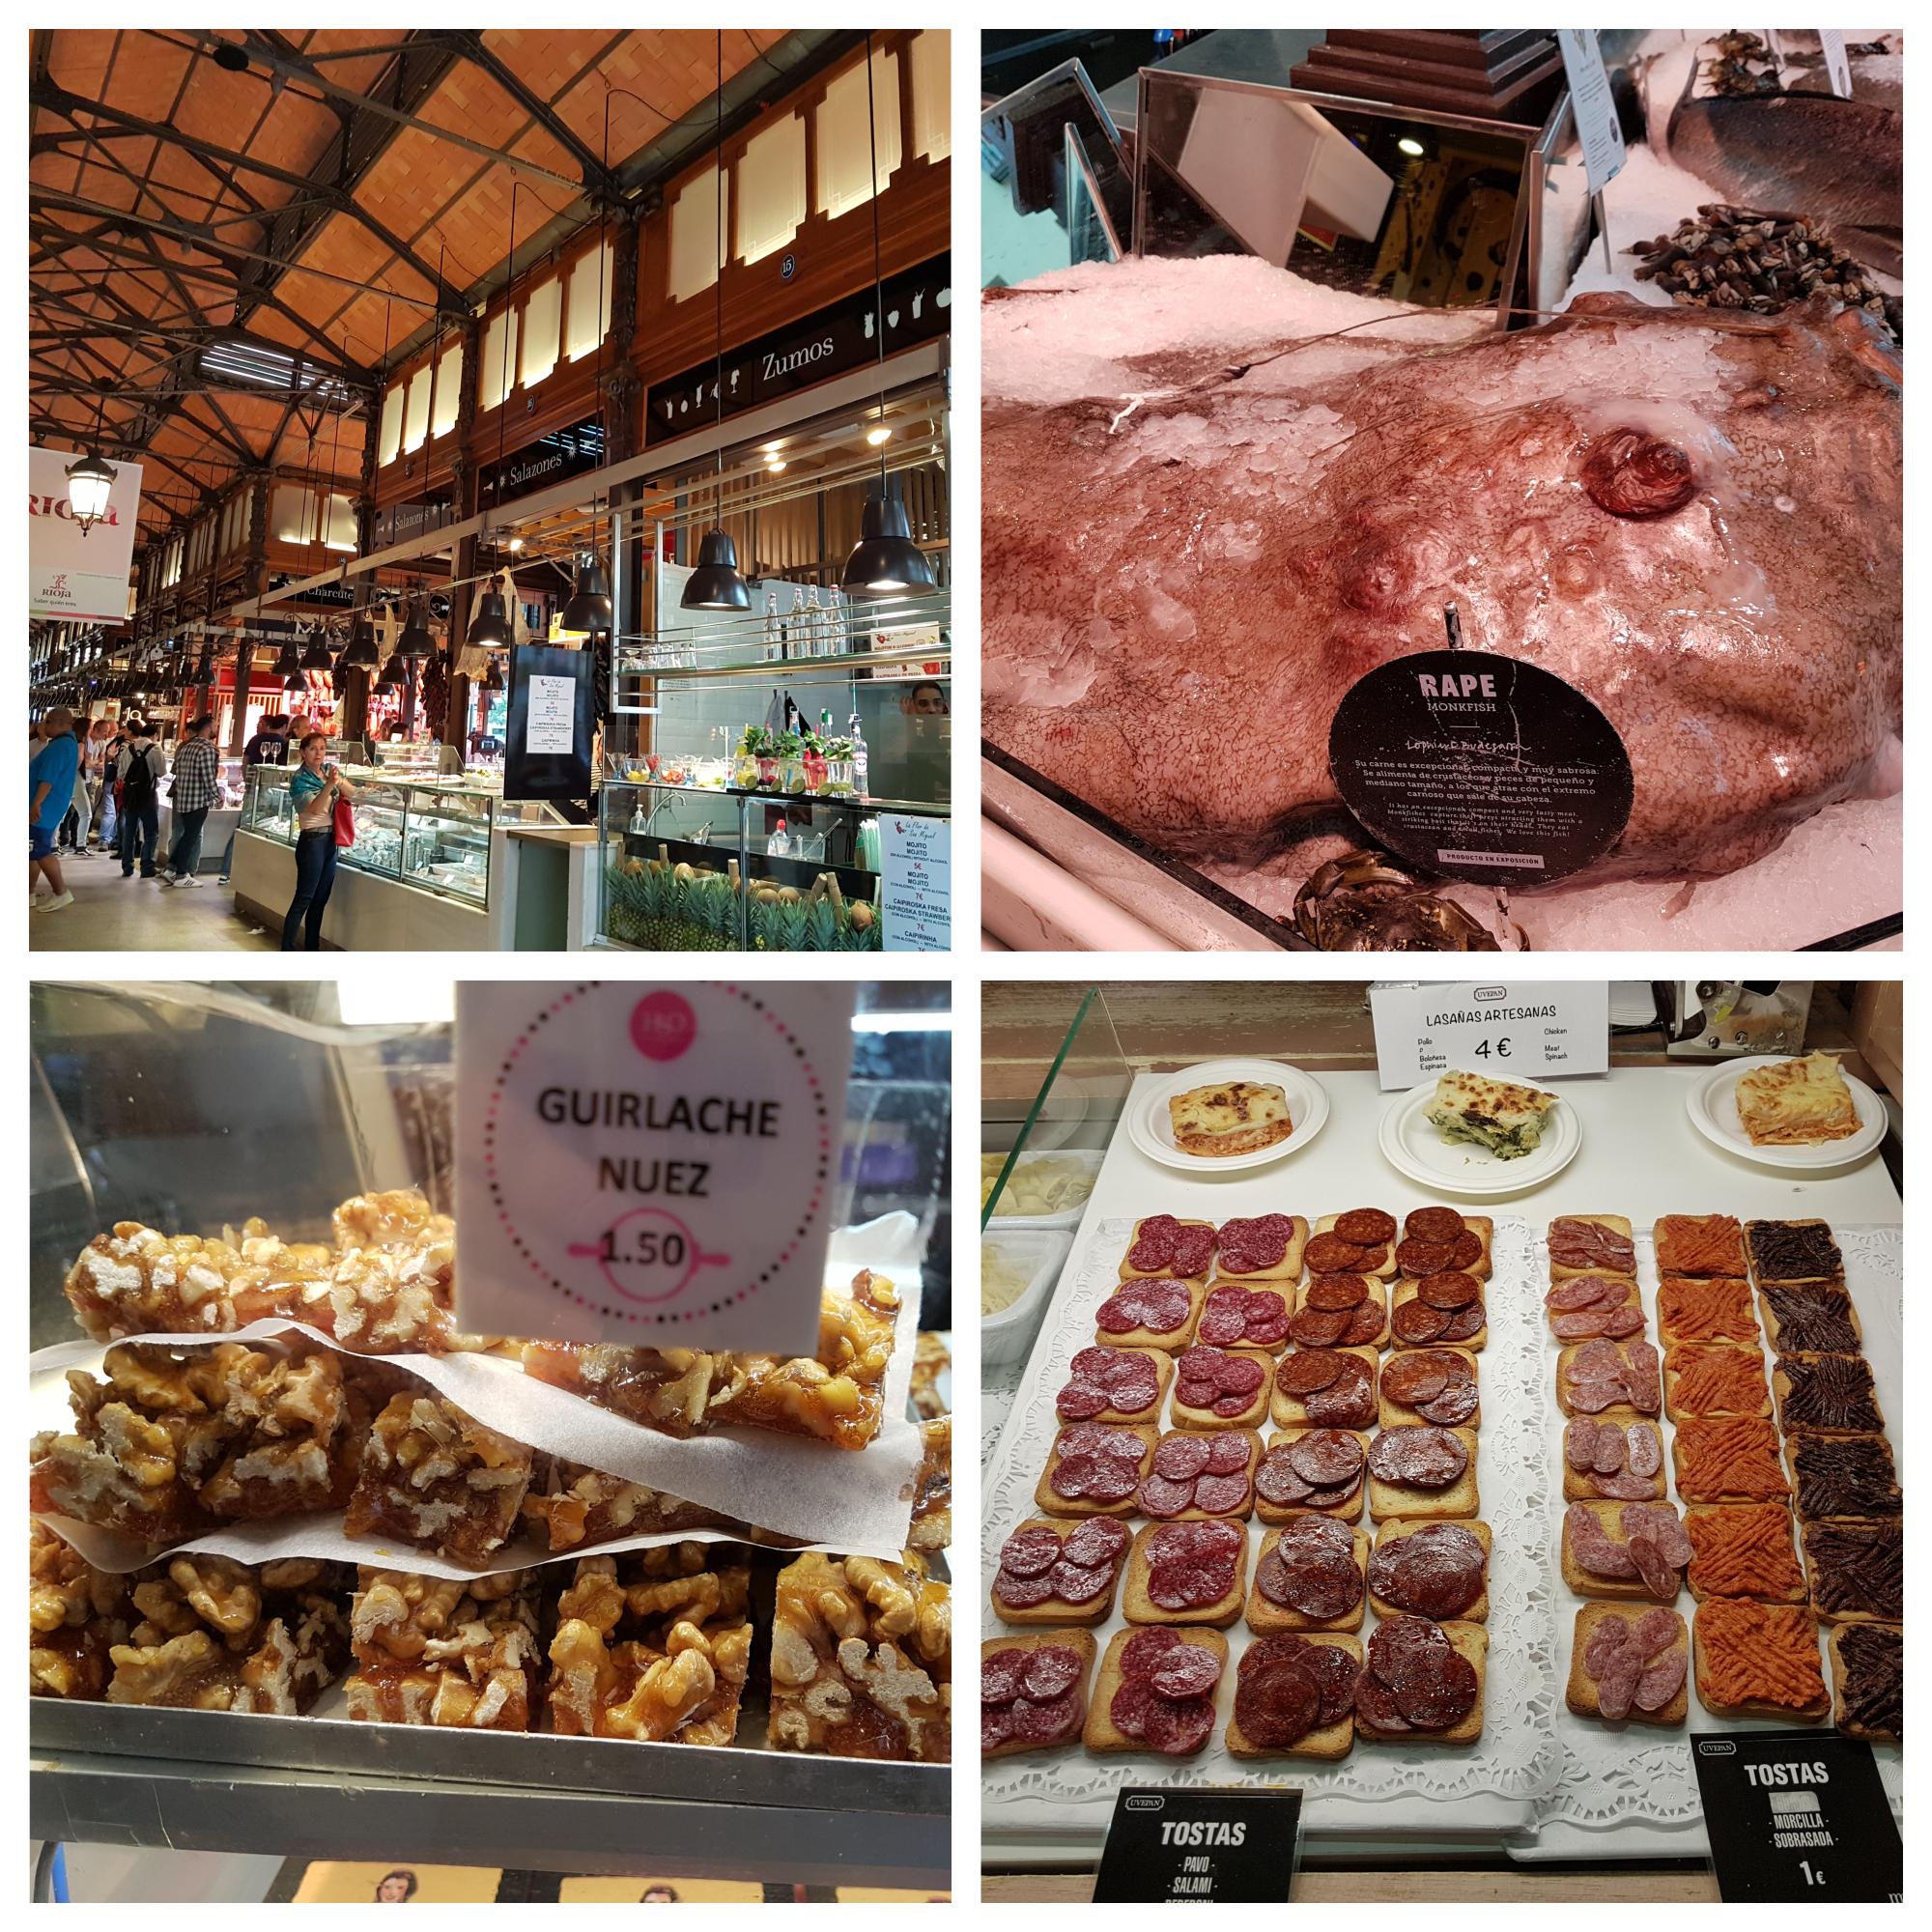 Mercado San Miguel, Madri. Lindos Mercados no Mundo.